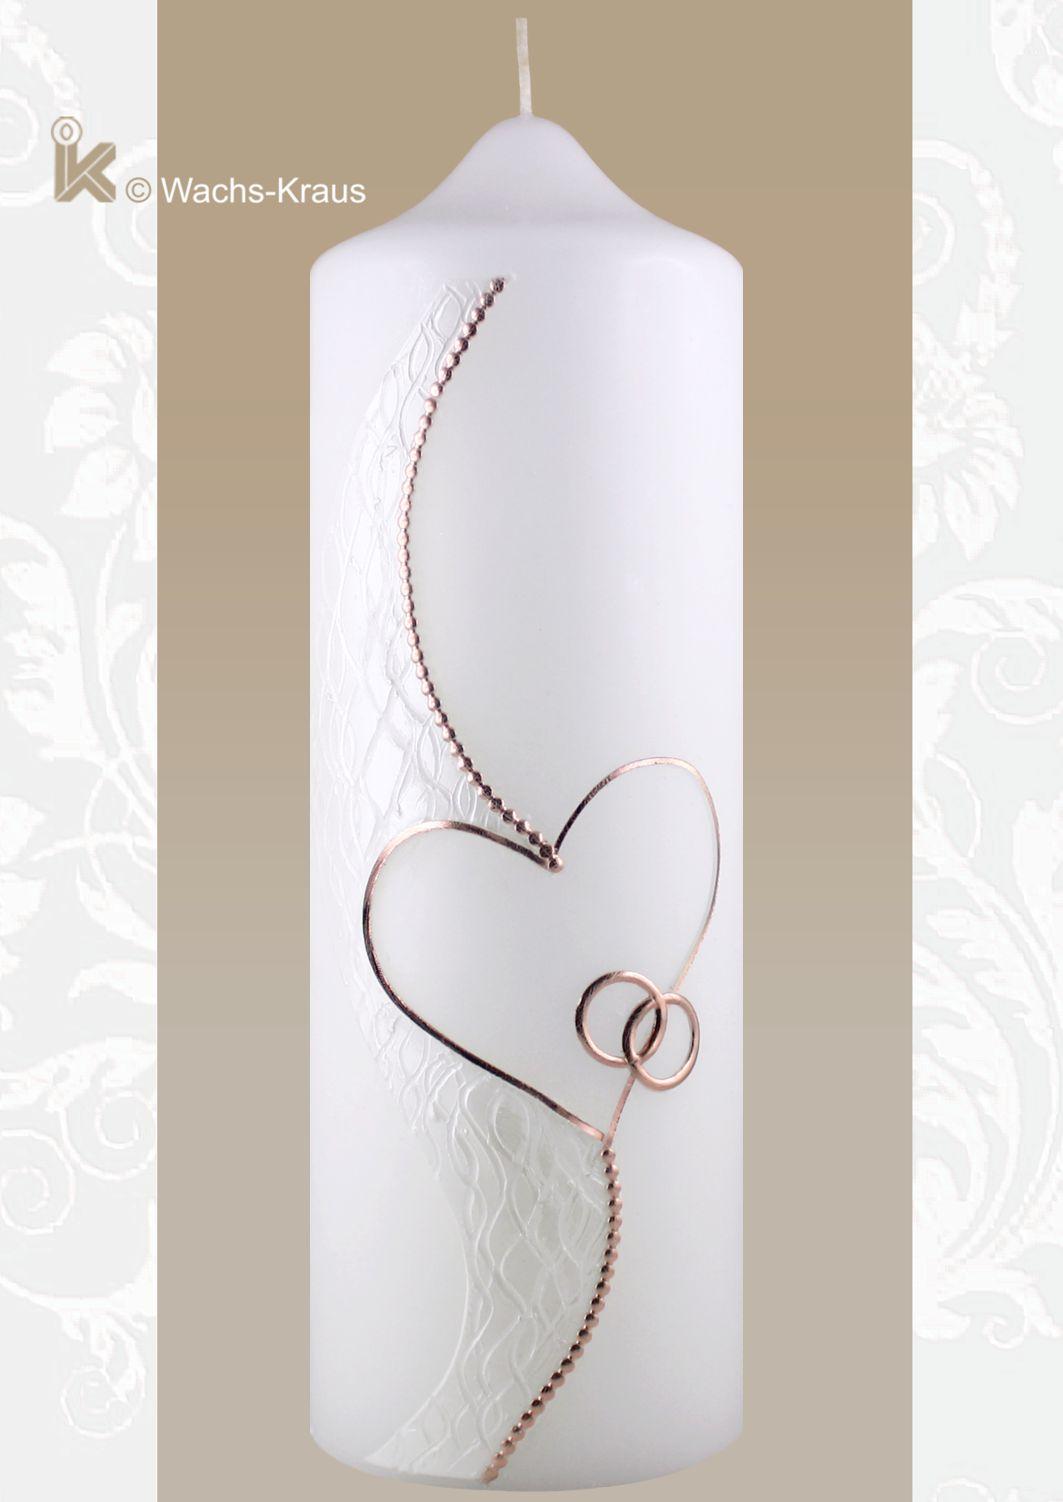 Wunderschöne Brautkerze in Rosègold: Silhouette